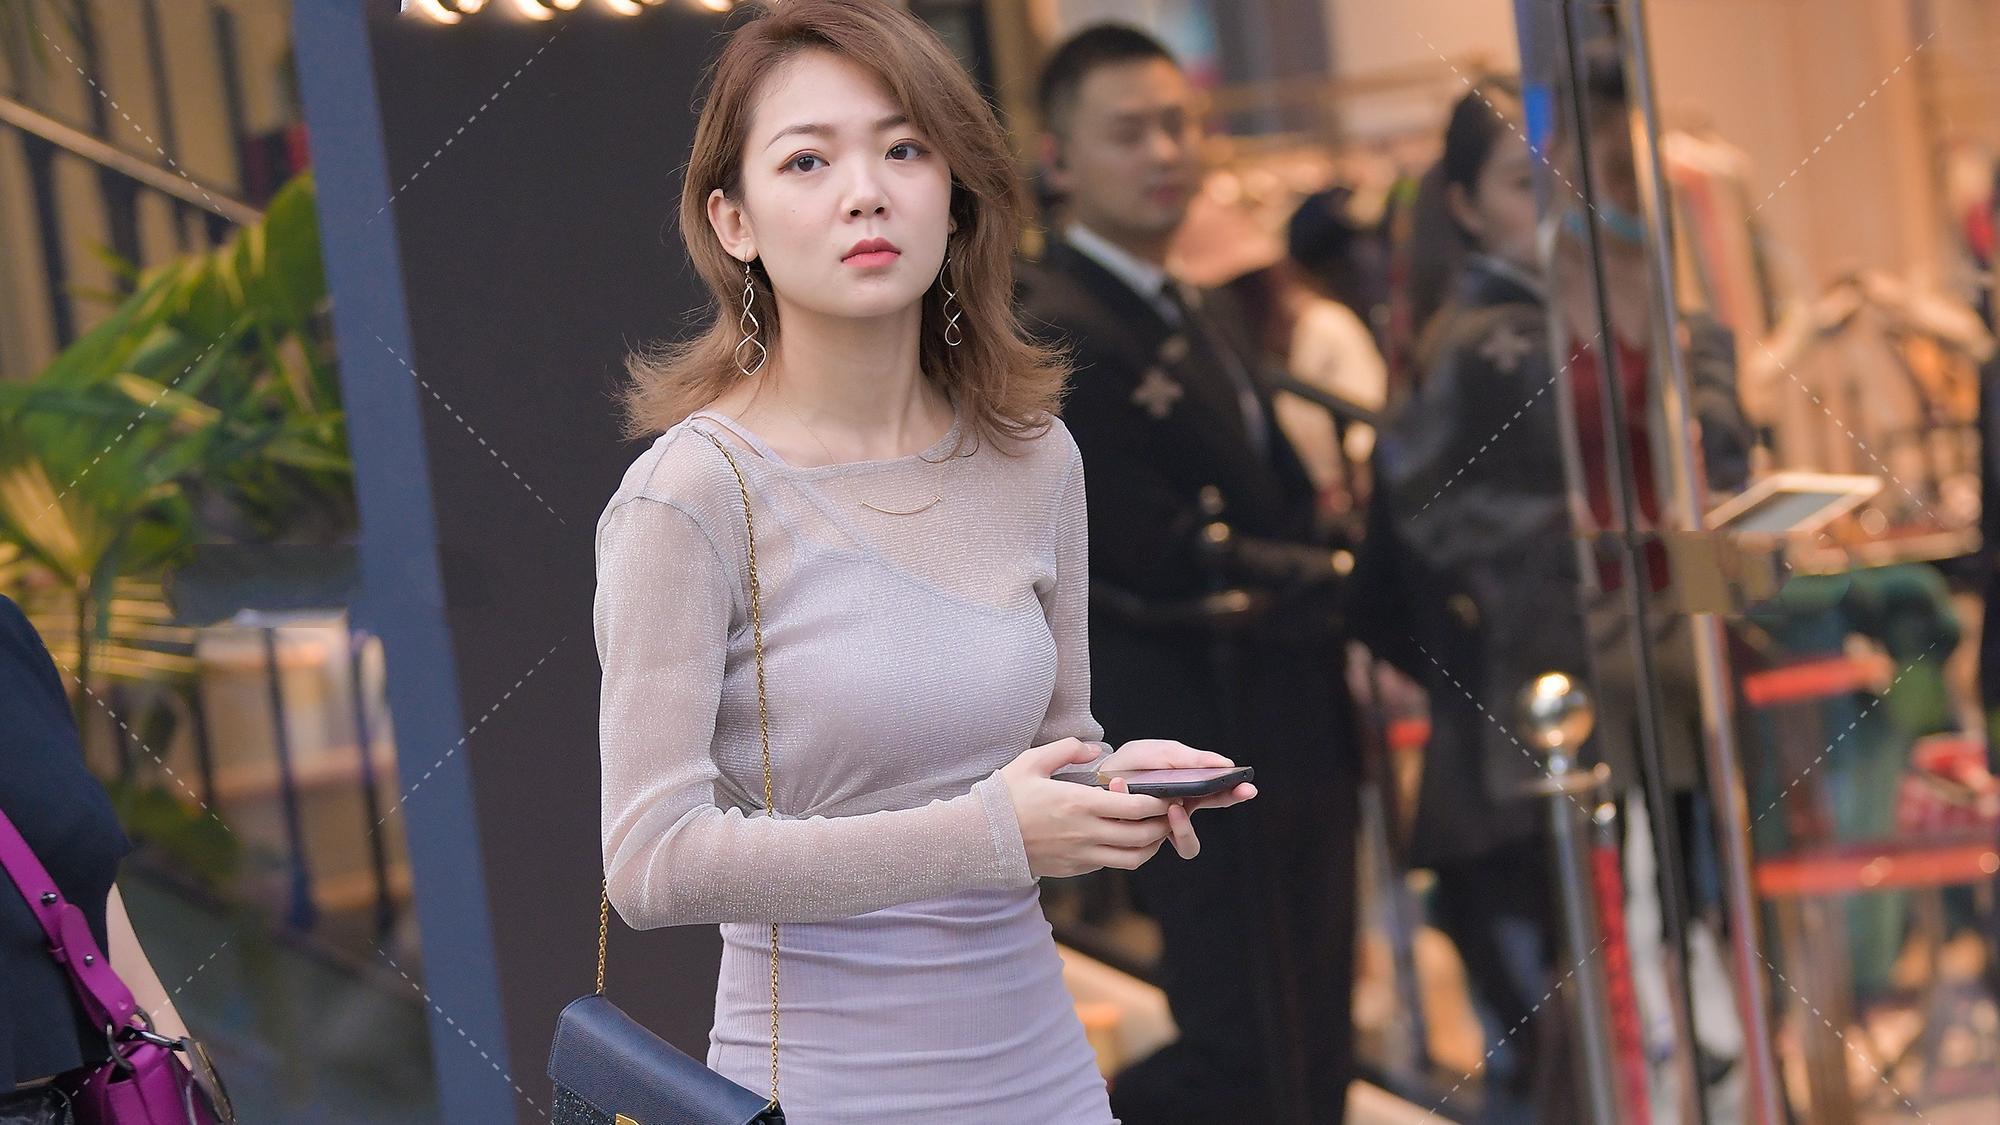 网纱套头衫搭配斜肩领紫色连衣裙,性感又个性的乖巧穿搭